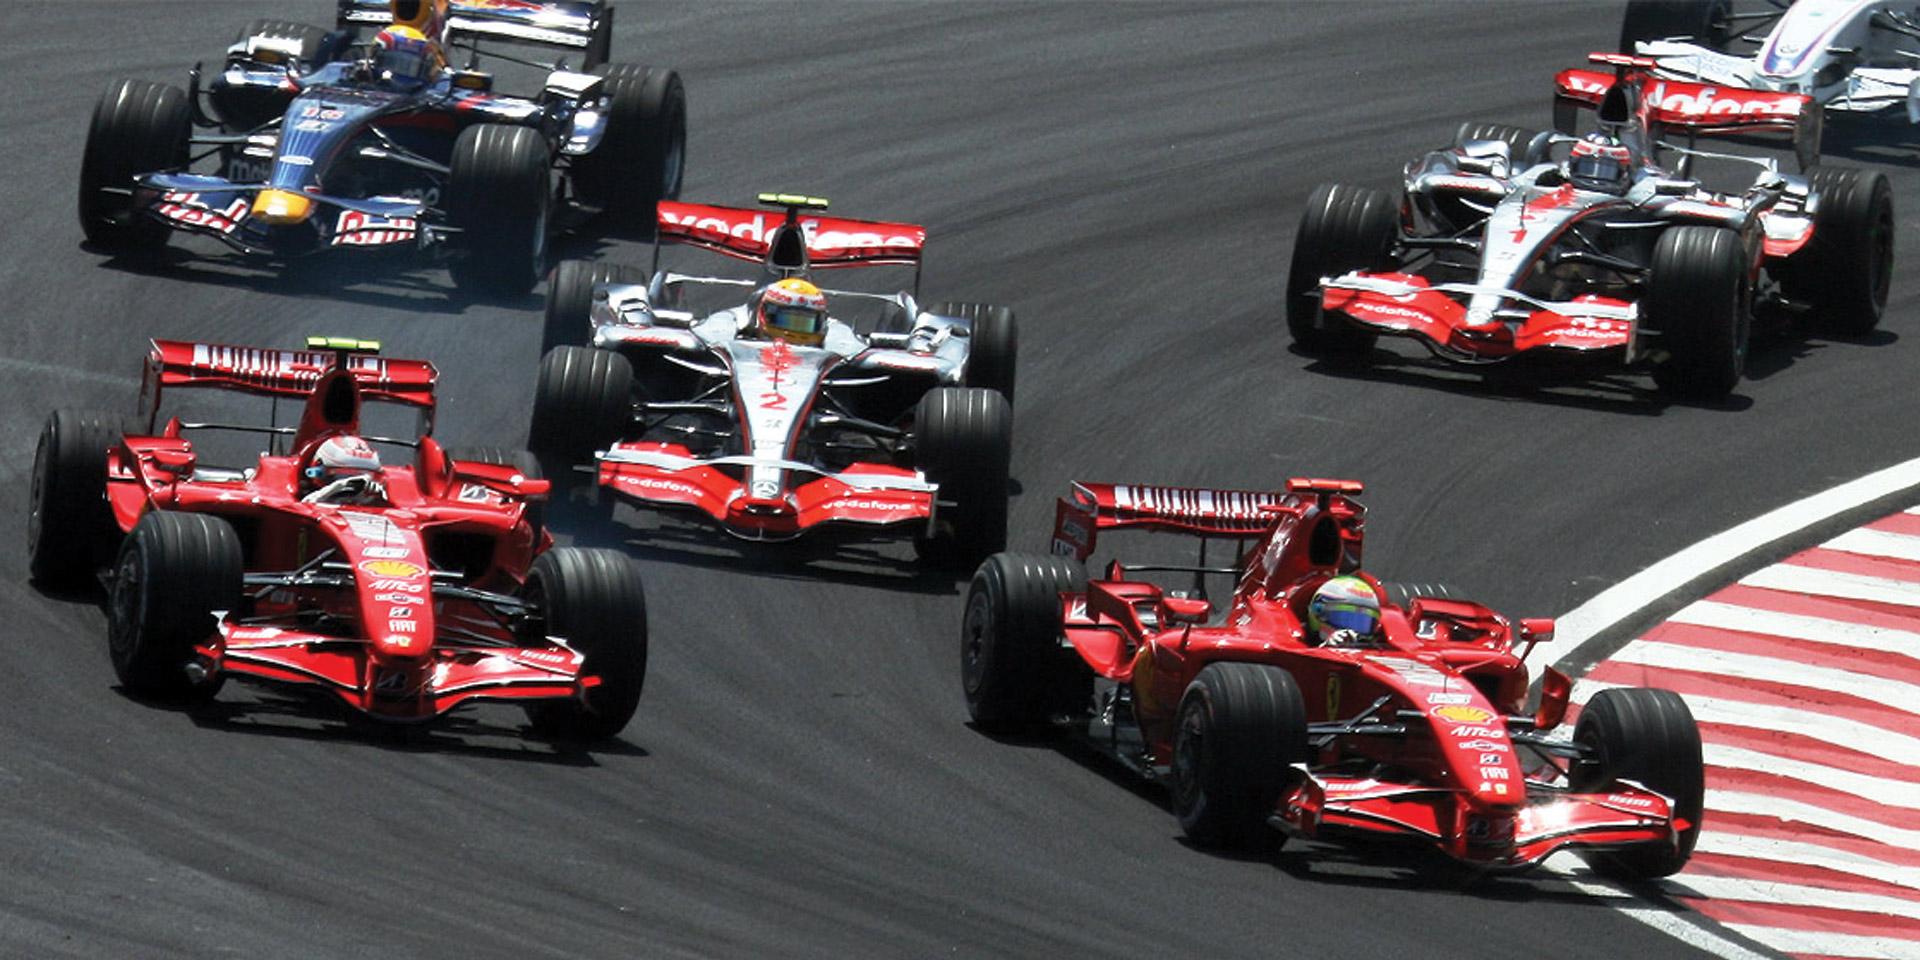 Старт БП Бразилии 2007 года